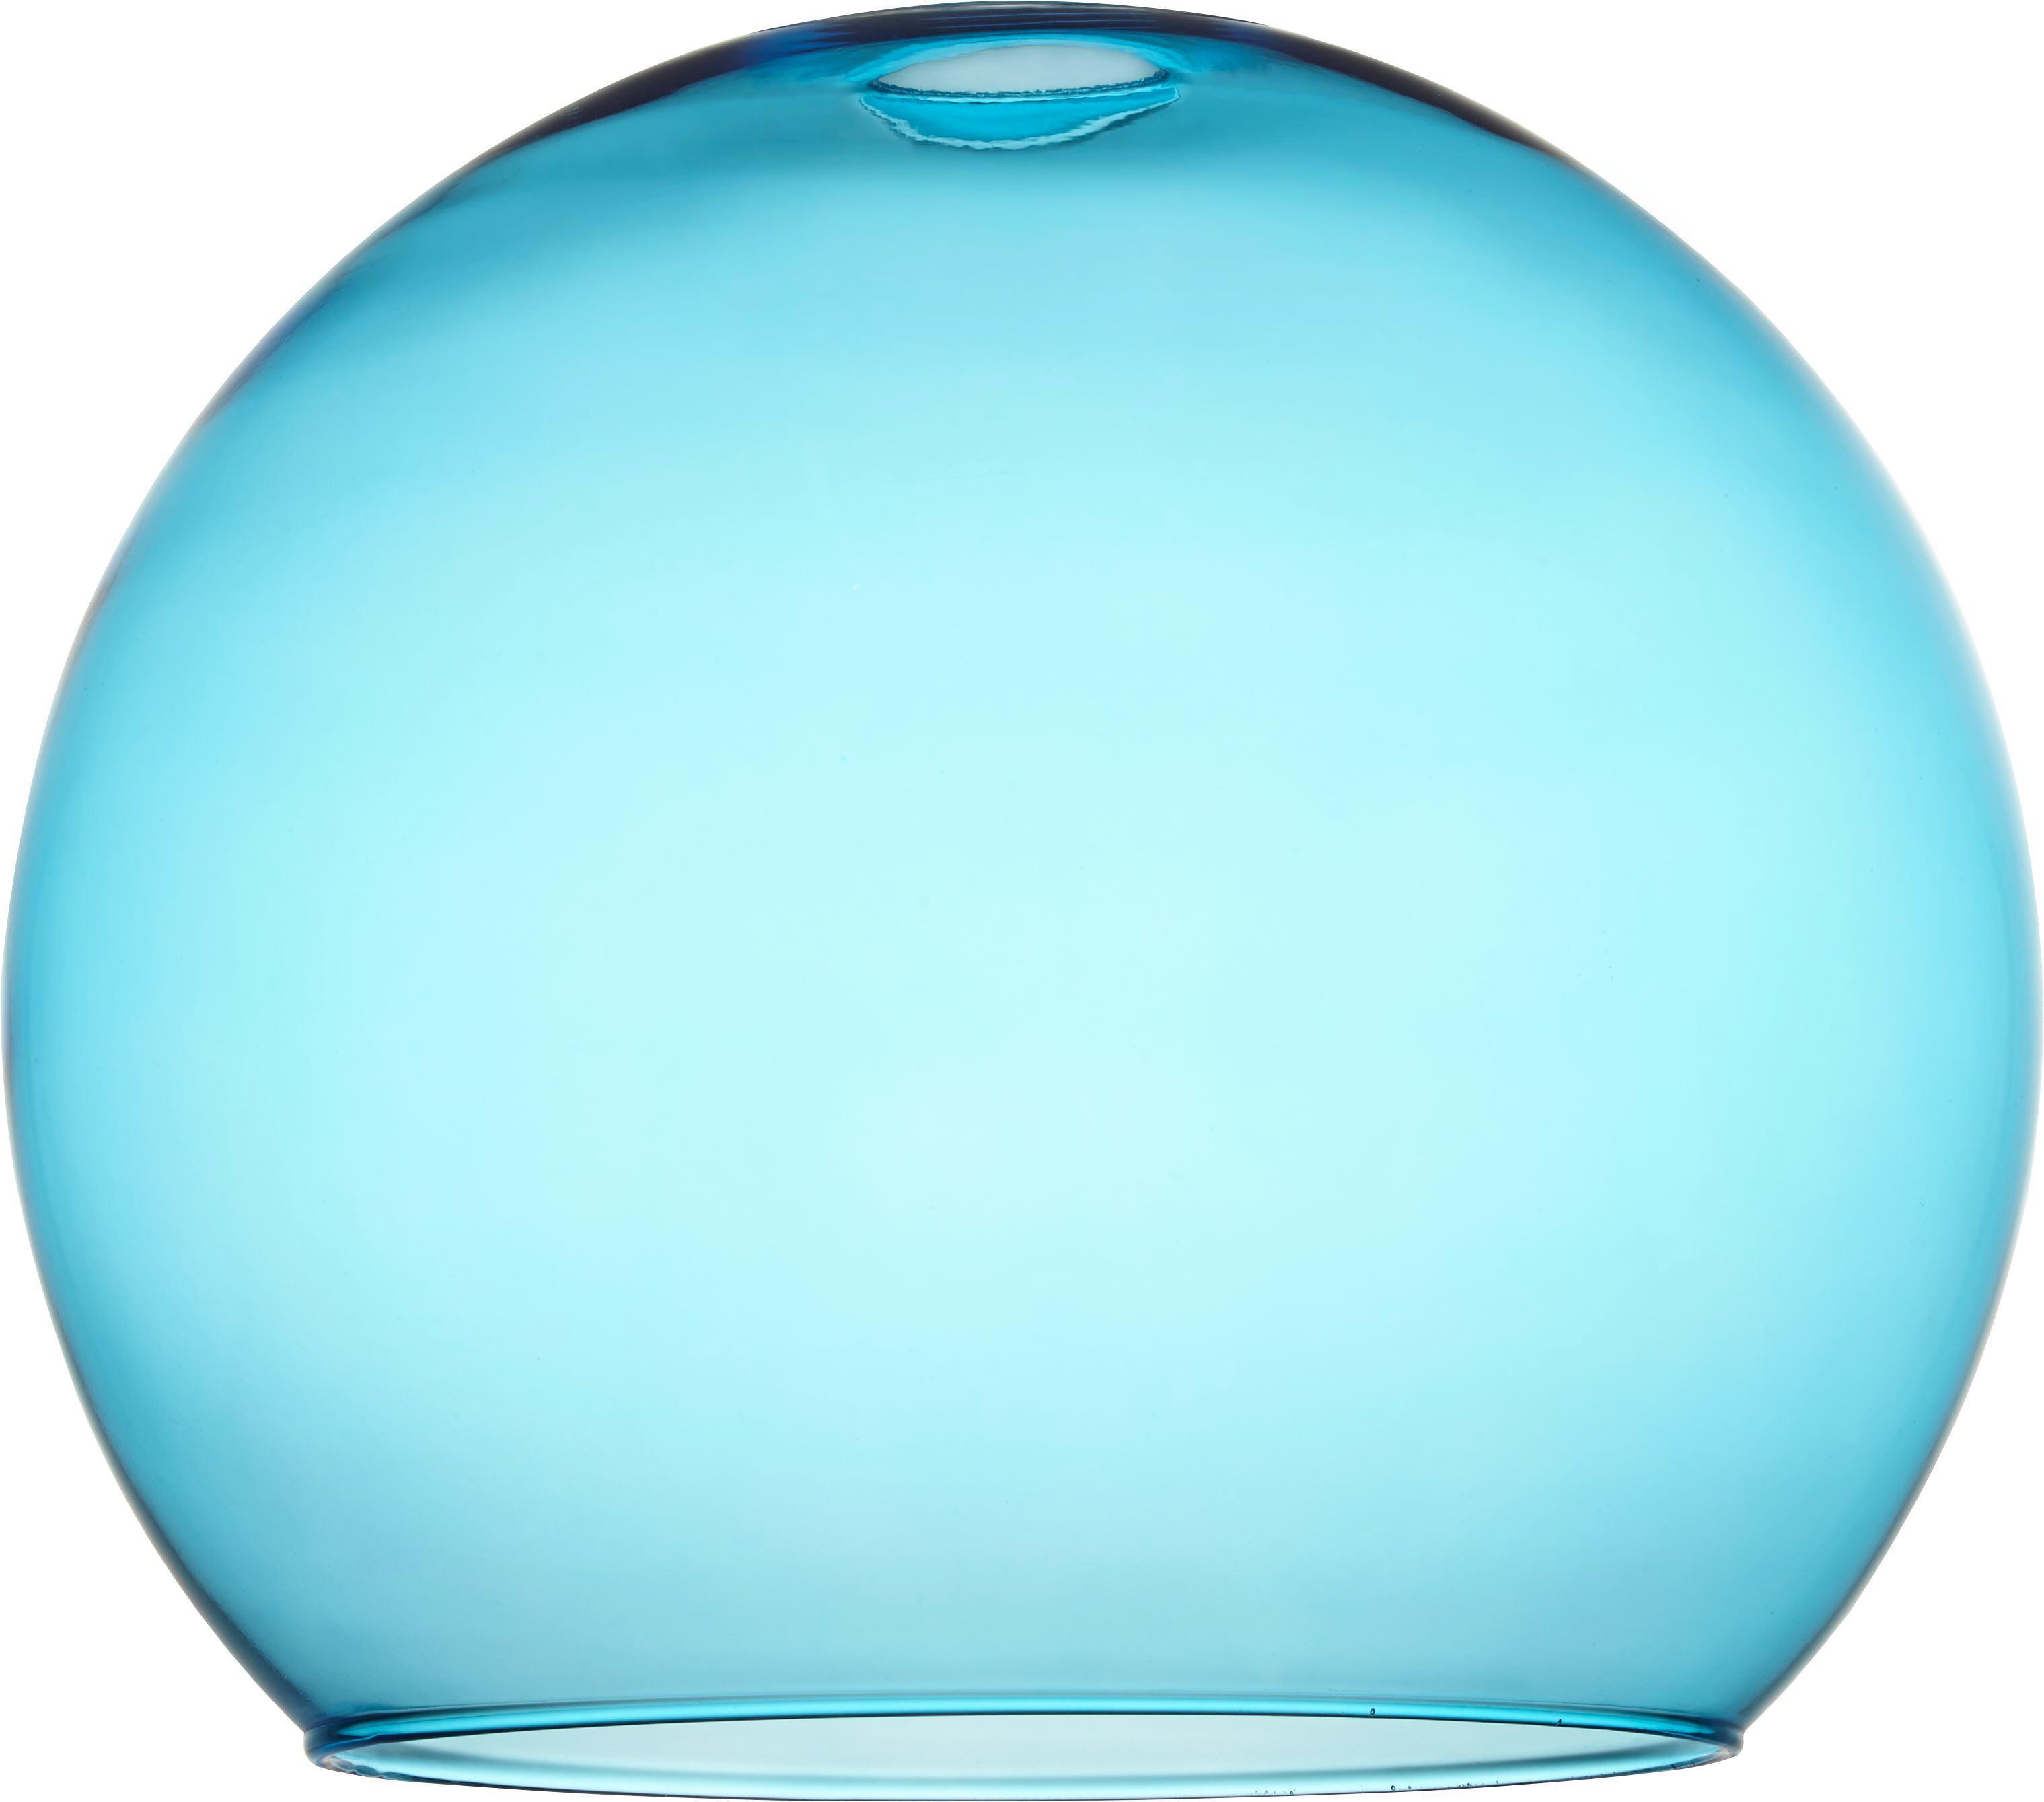 Leuchtenschirm Bo 60 Watt - Blau, Glas (30/26cm) - MÖMAX modern living